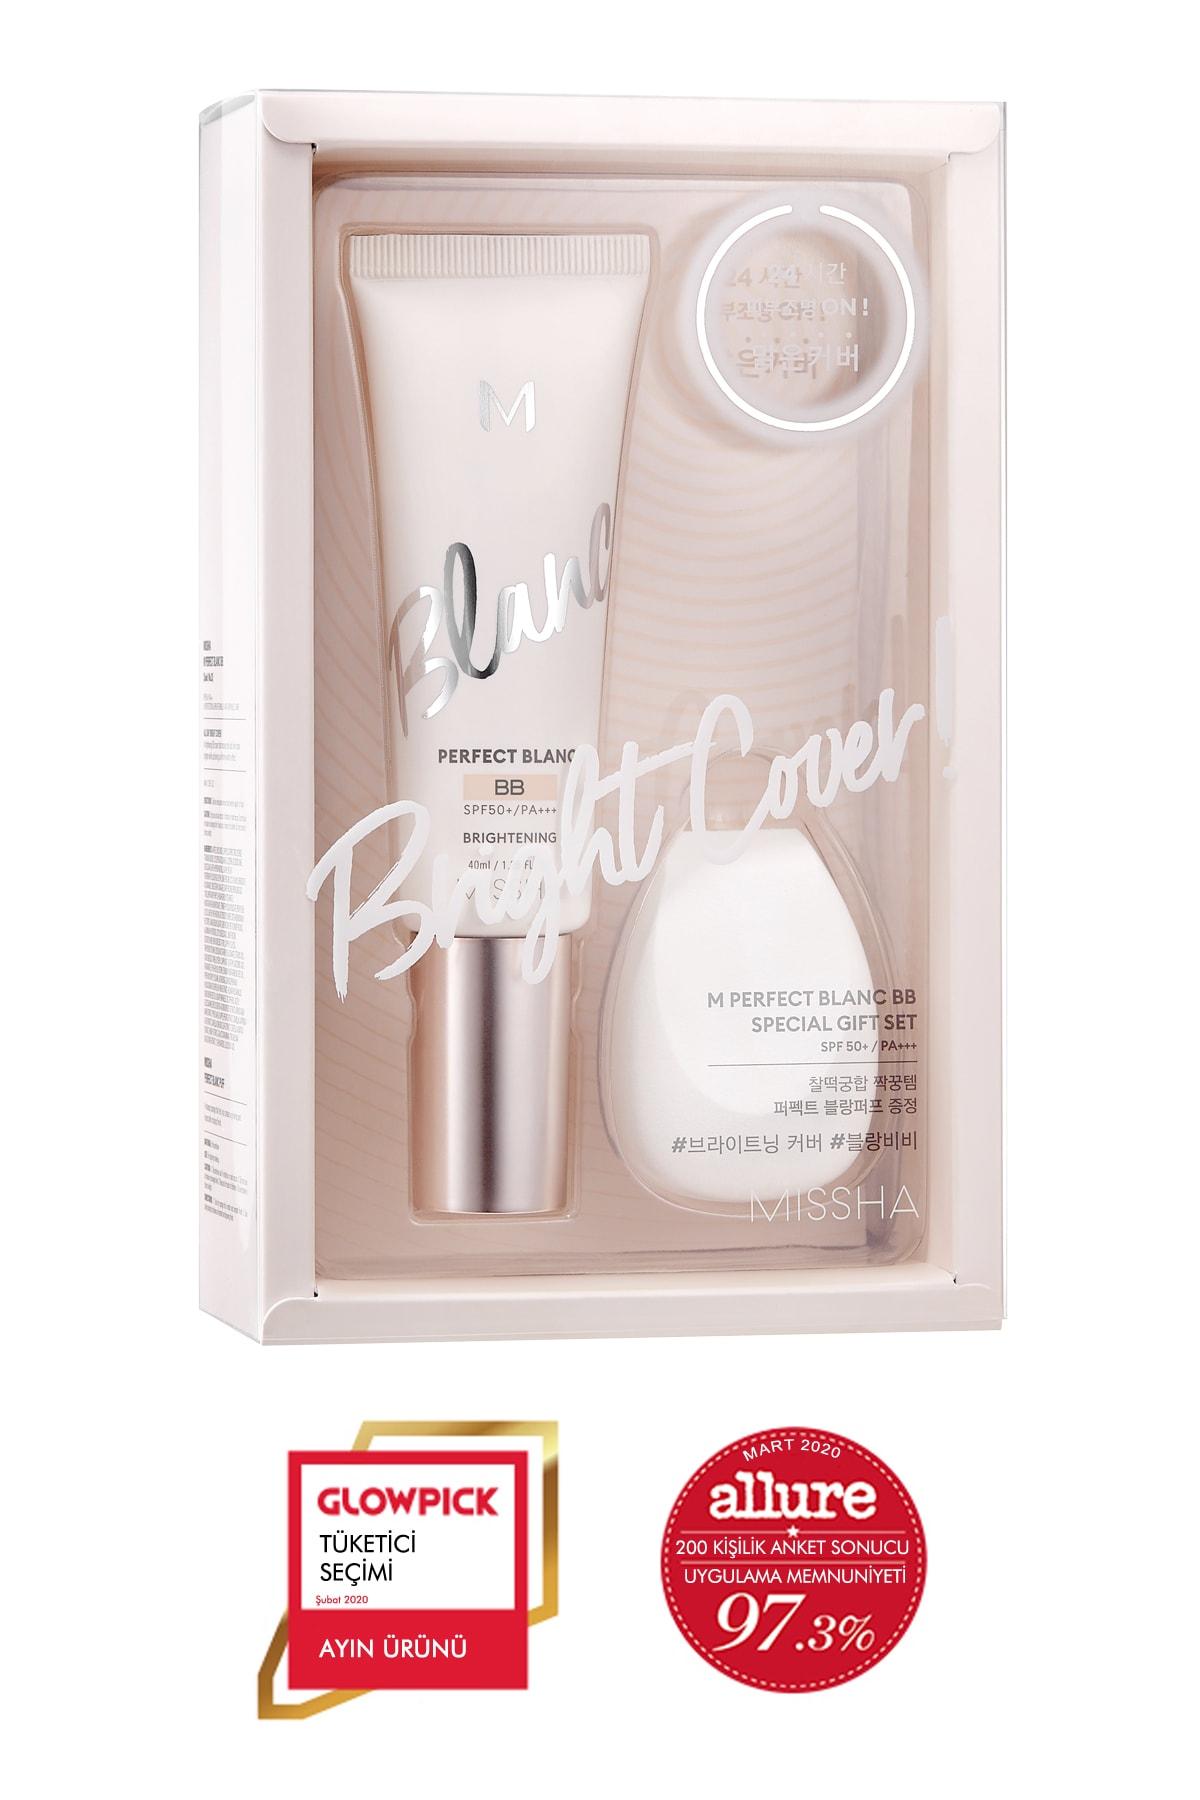 Missha Ton Eşitleyen Aydınlatıcı BB Krem Seti 40ml+1pcs M Perfect Blanc BB Special Gift Set (Vanilla/No.23) 0